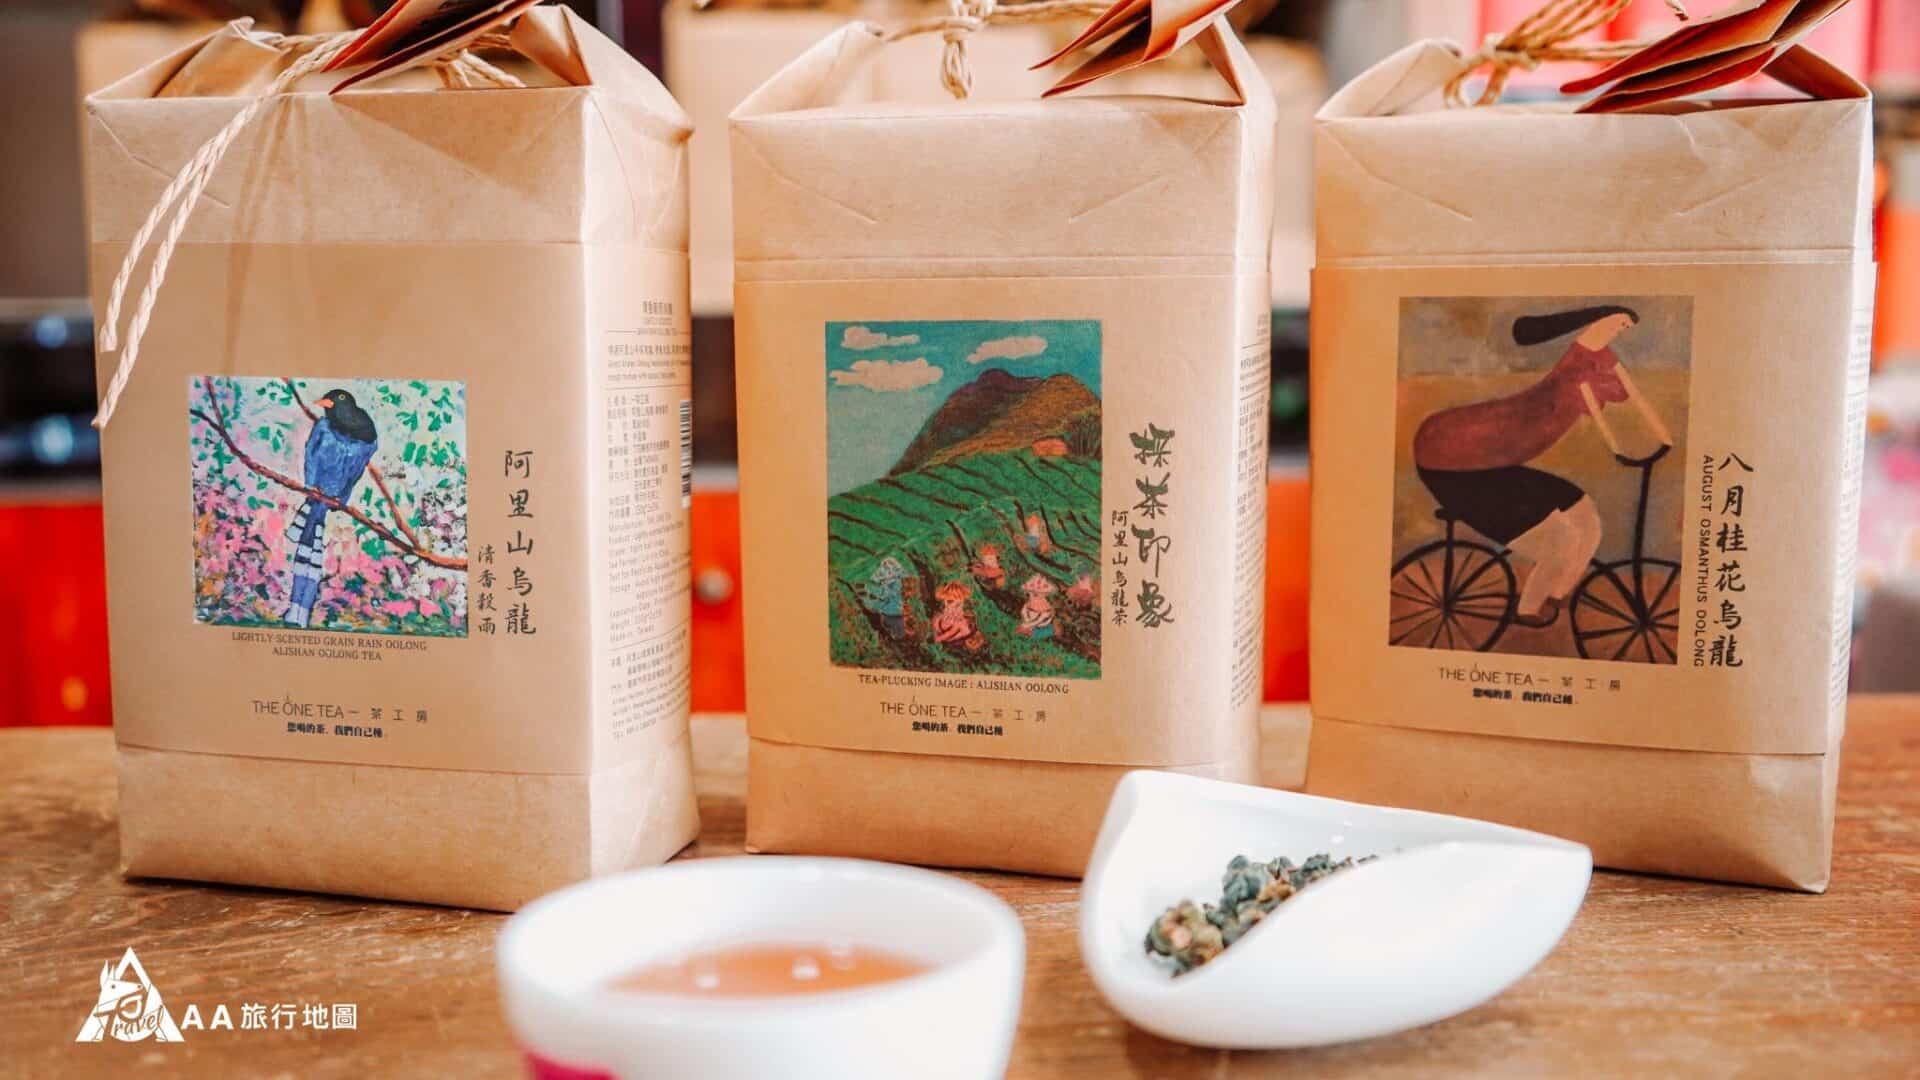 這種大包裝推薦給自己要泡或者是送給真的愛喝茶的朋友,這種大包裝送禮自用兩相宜,也不會失禮